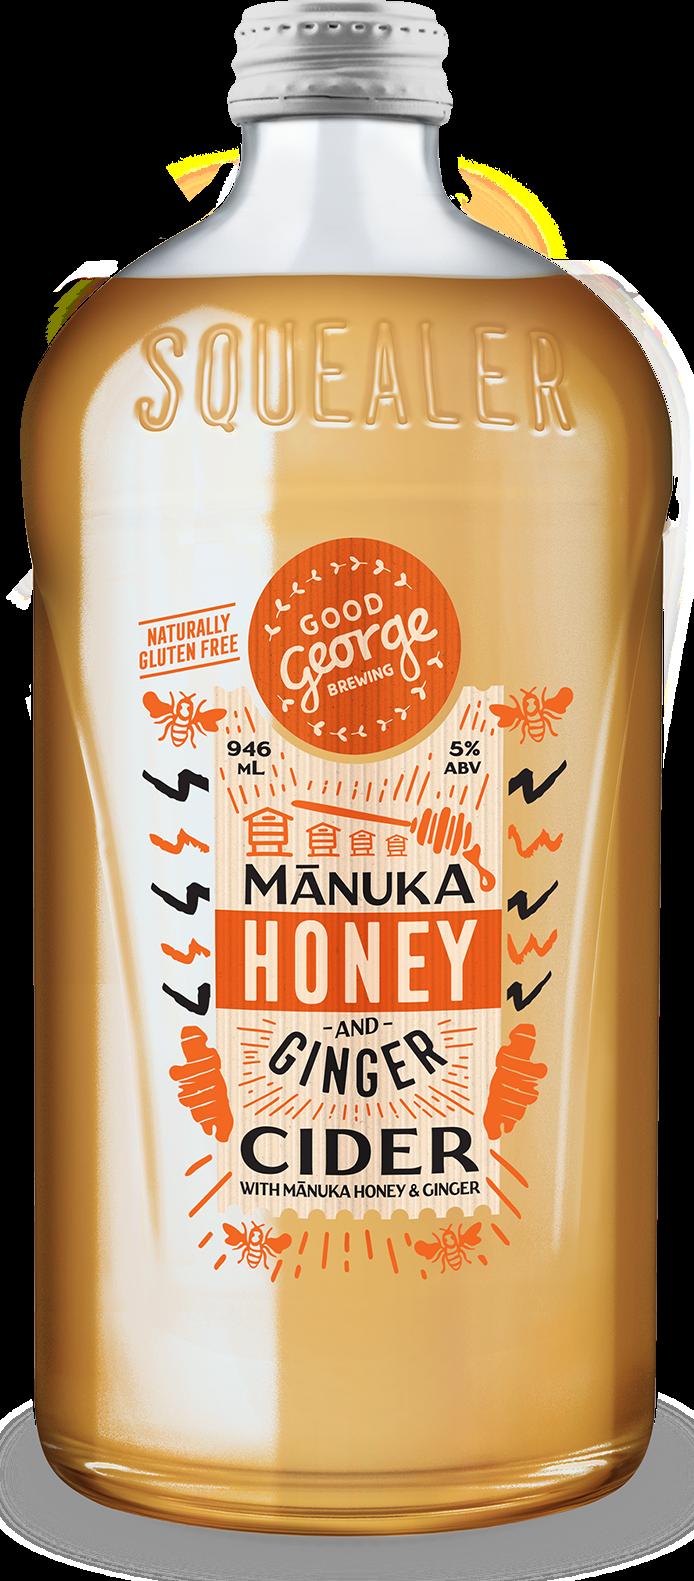 Good George Manuka Honey and Ginger Cider Squealer